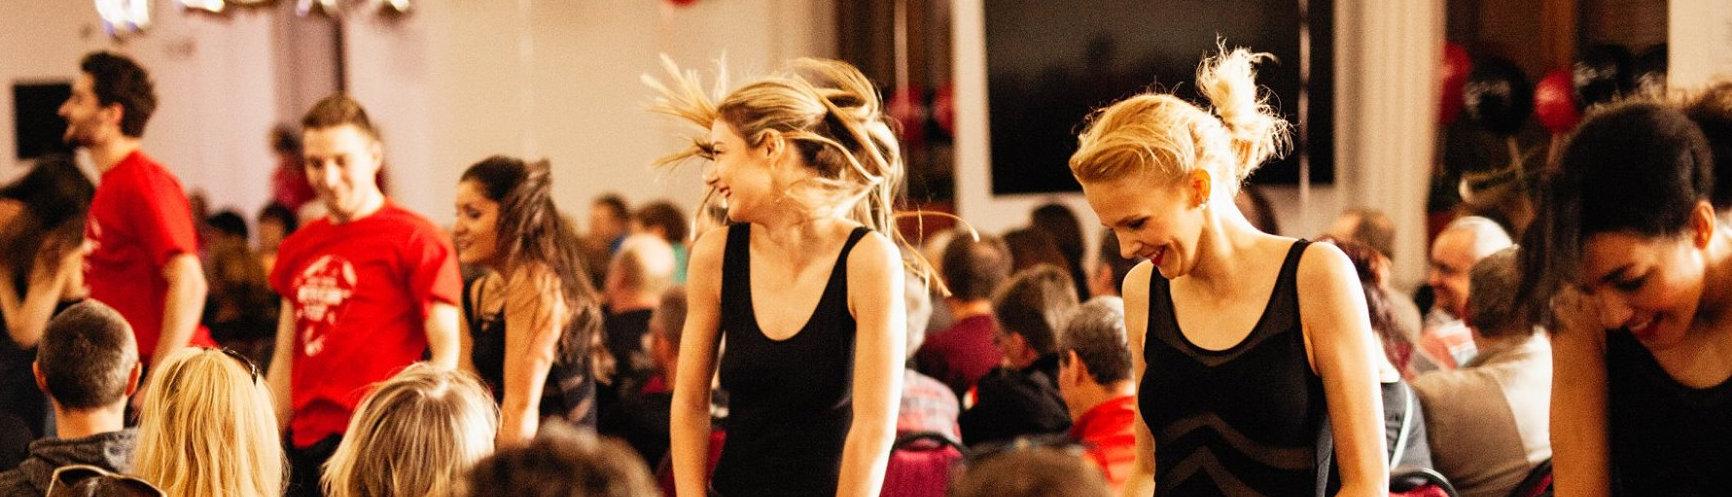 Flashmob 1.jpg